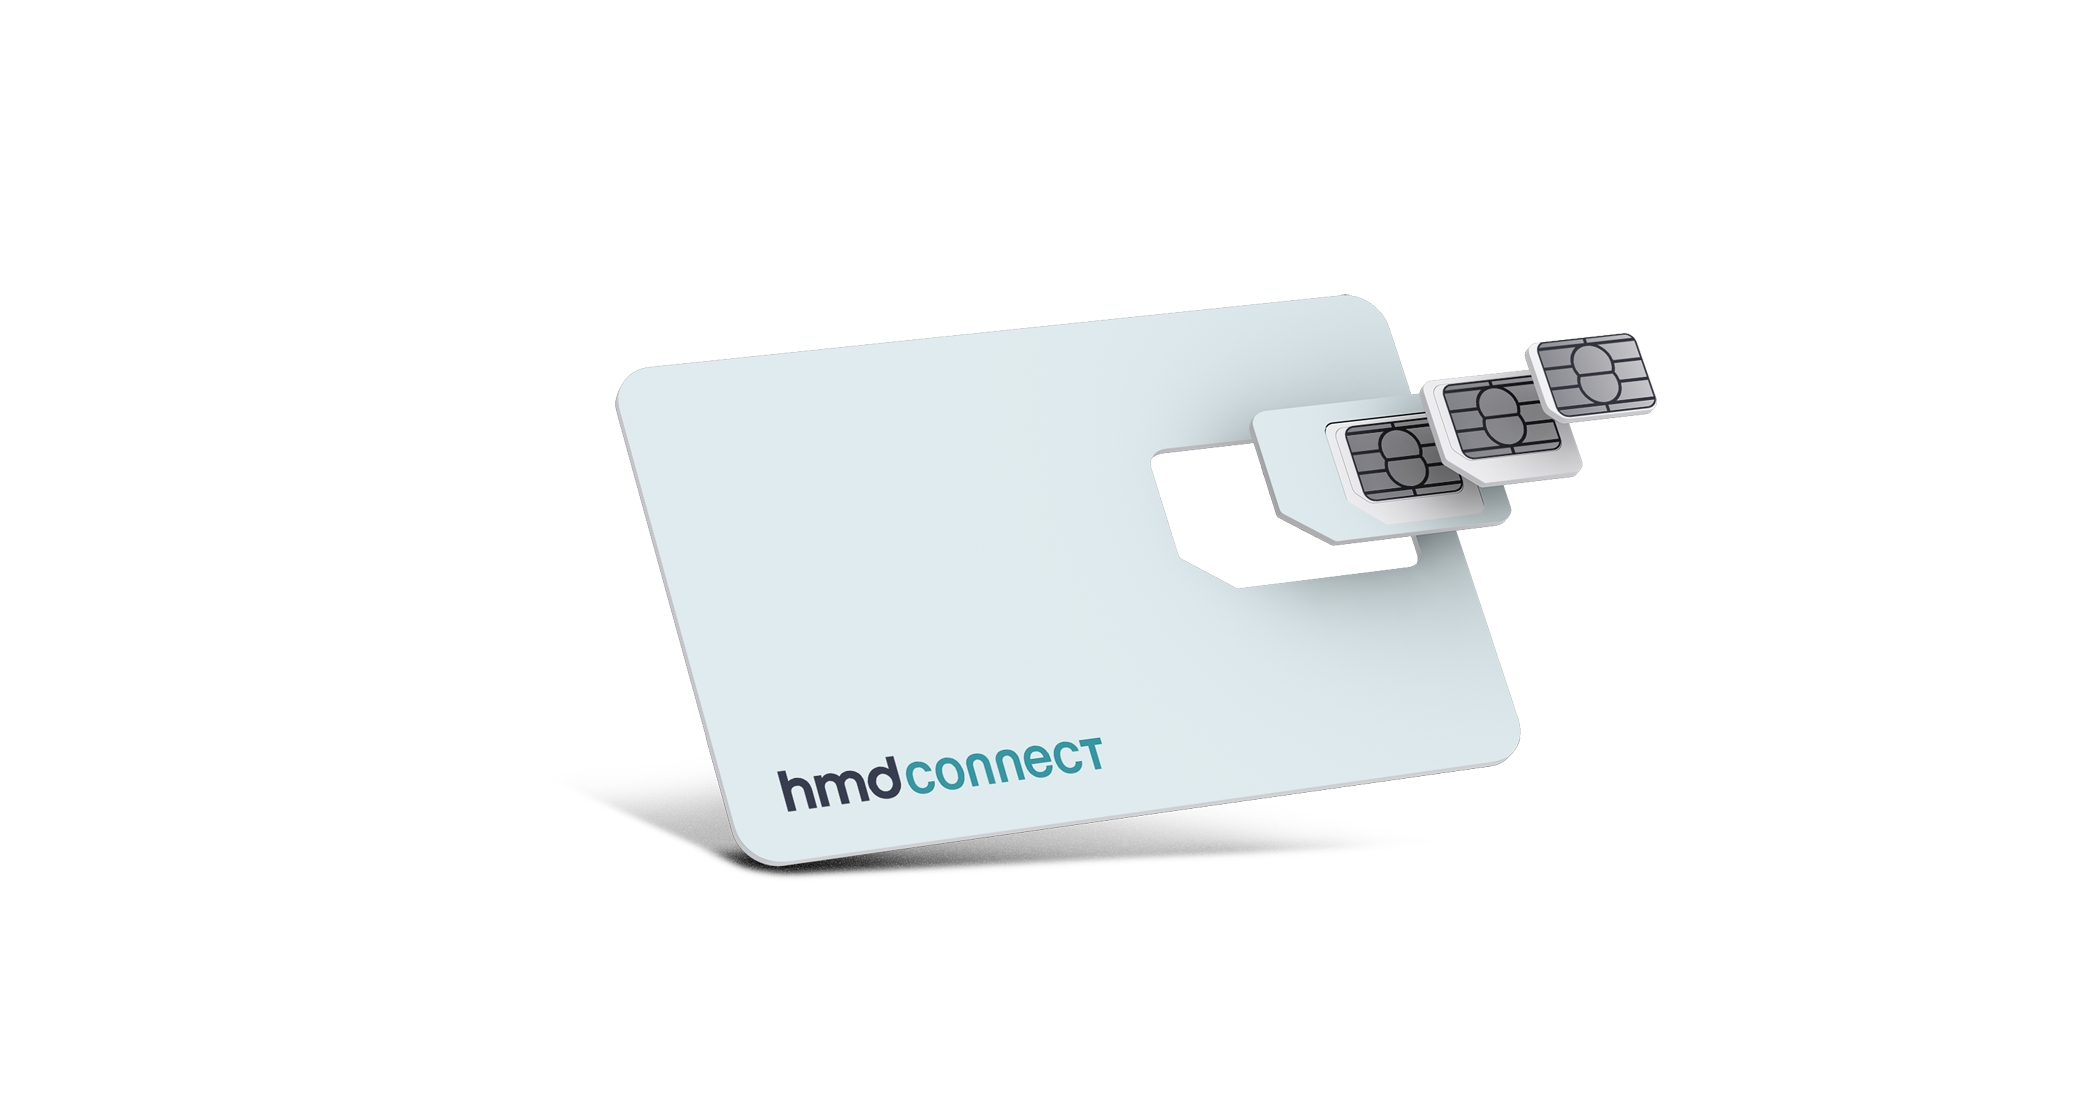 Výrobce Nokií představuje HMD Connect, virtuálního operátora